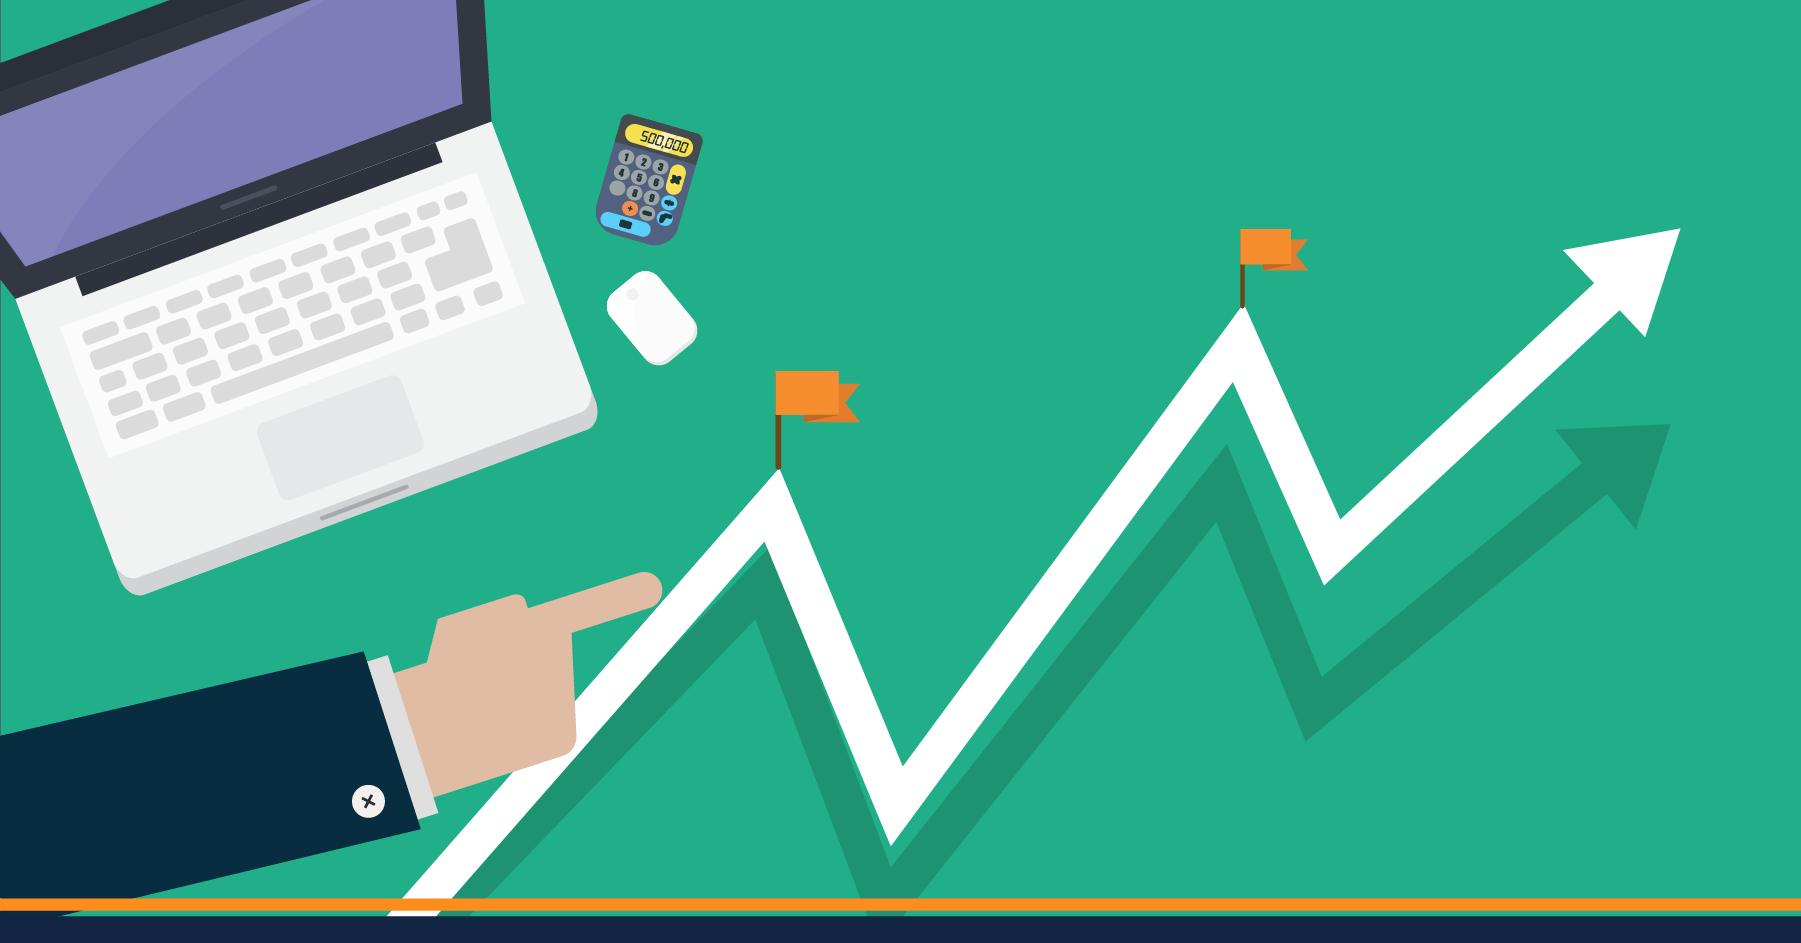 ¿Por qué es clave la contabilidad a la hora de emprender un negocio?